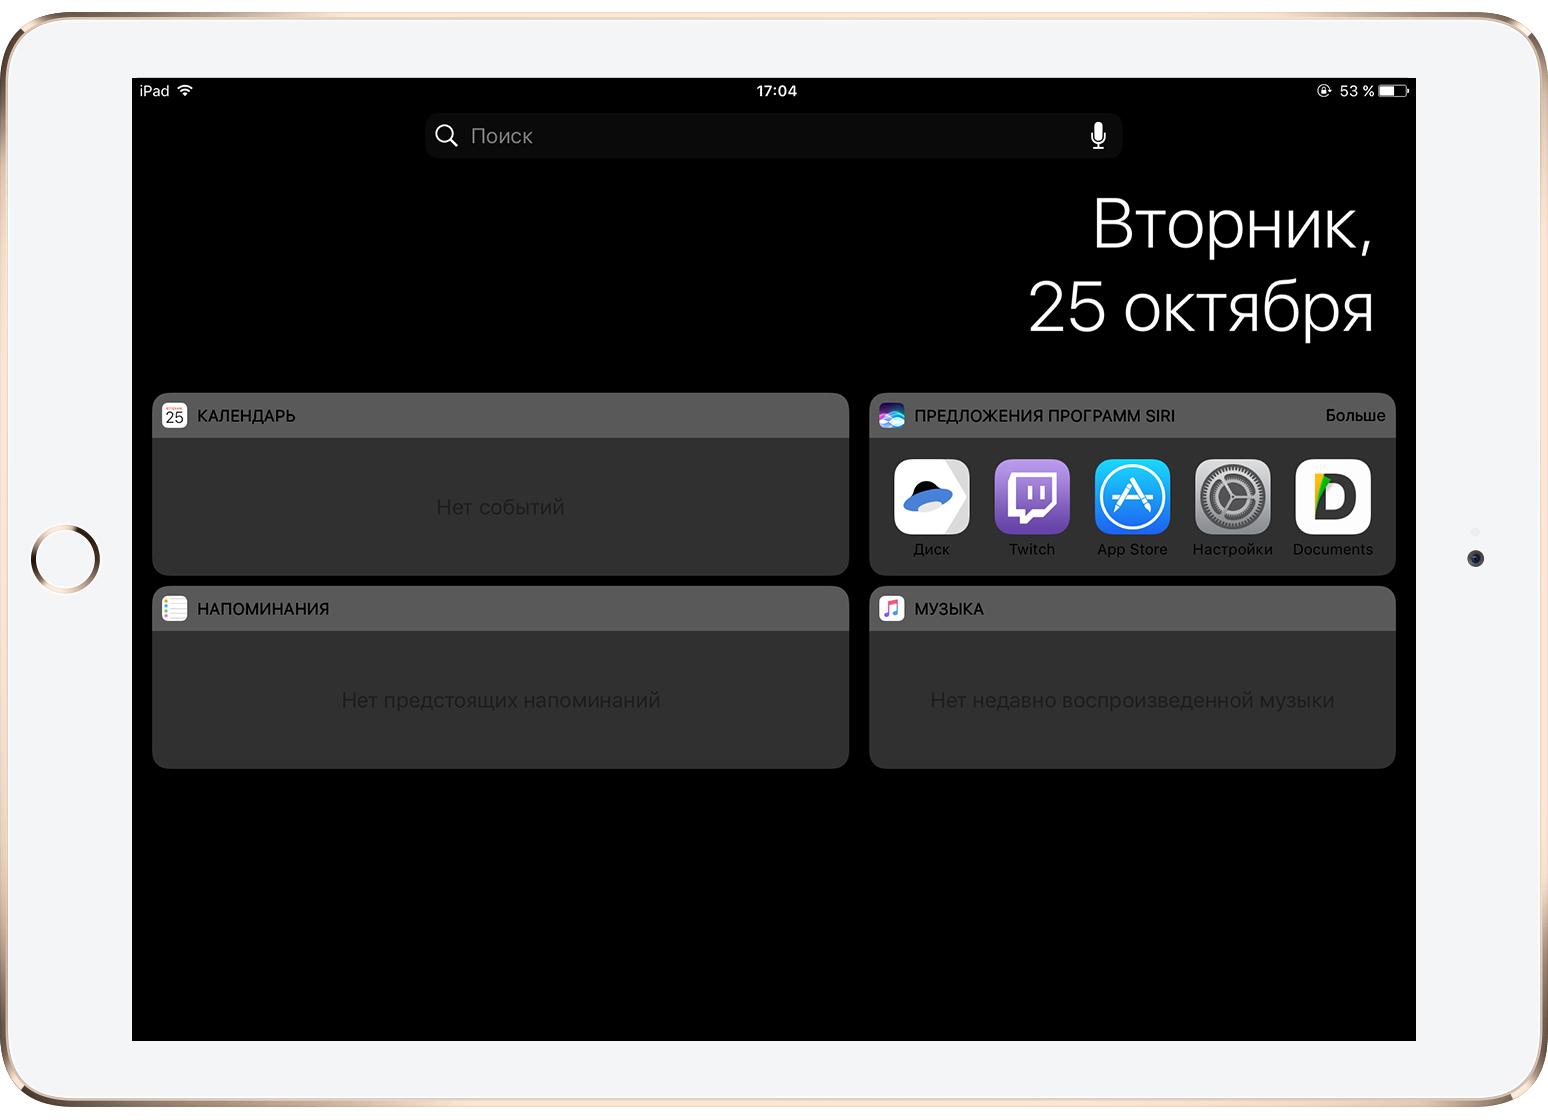 Заждались темную тему оформления iOS 10? Это решение поможет скоротать ожидание